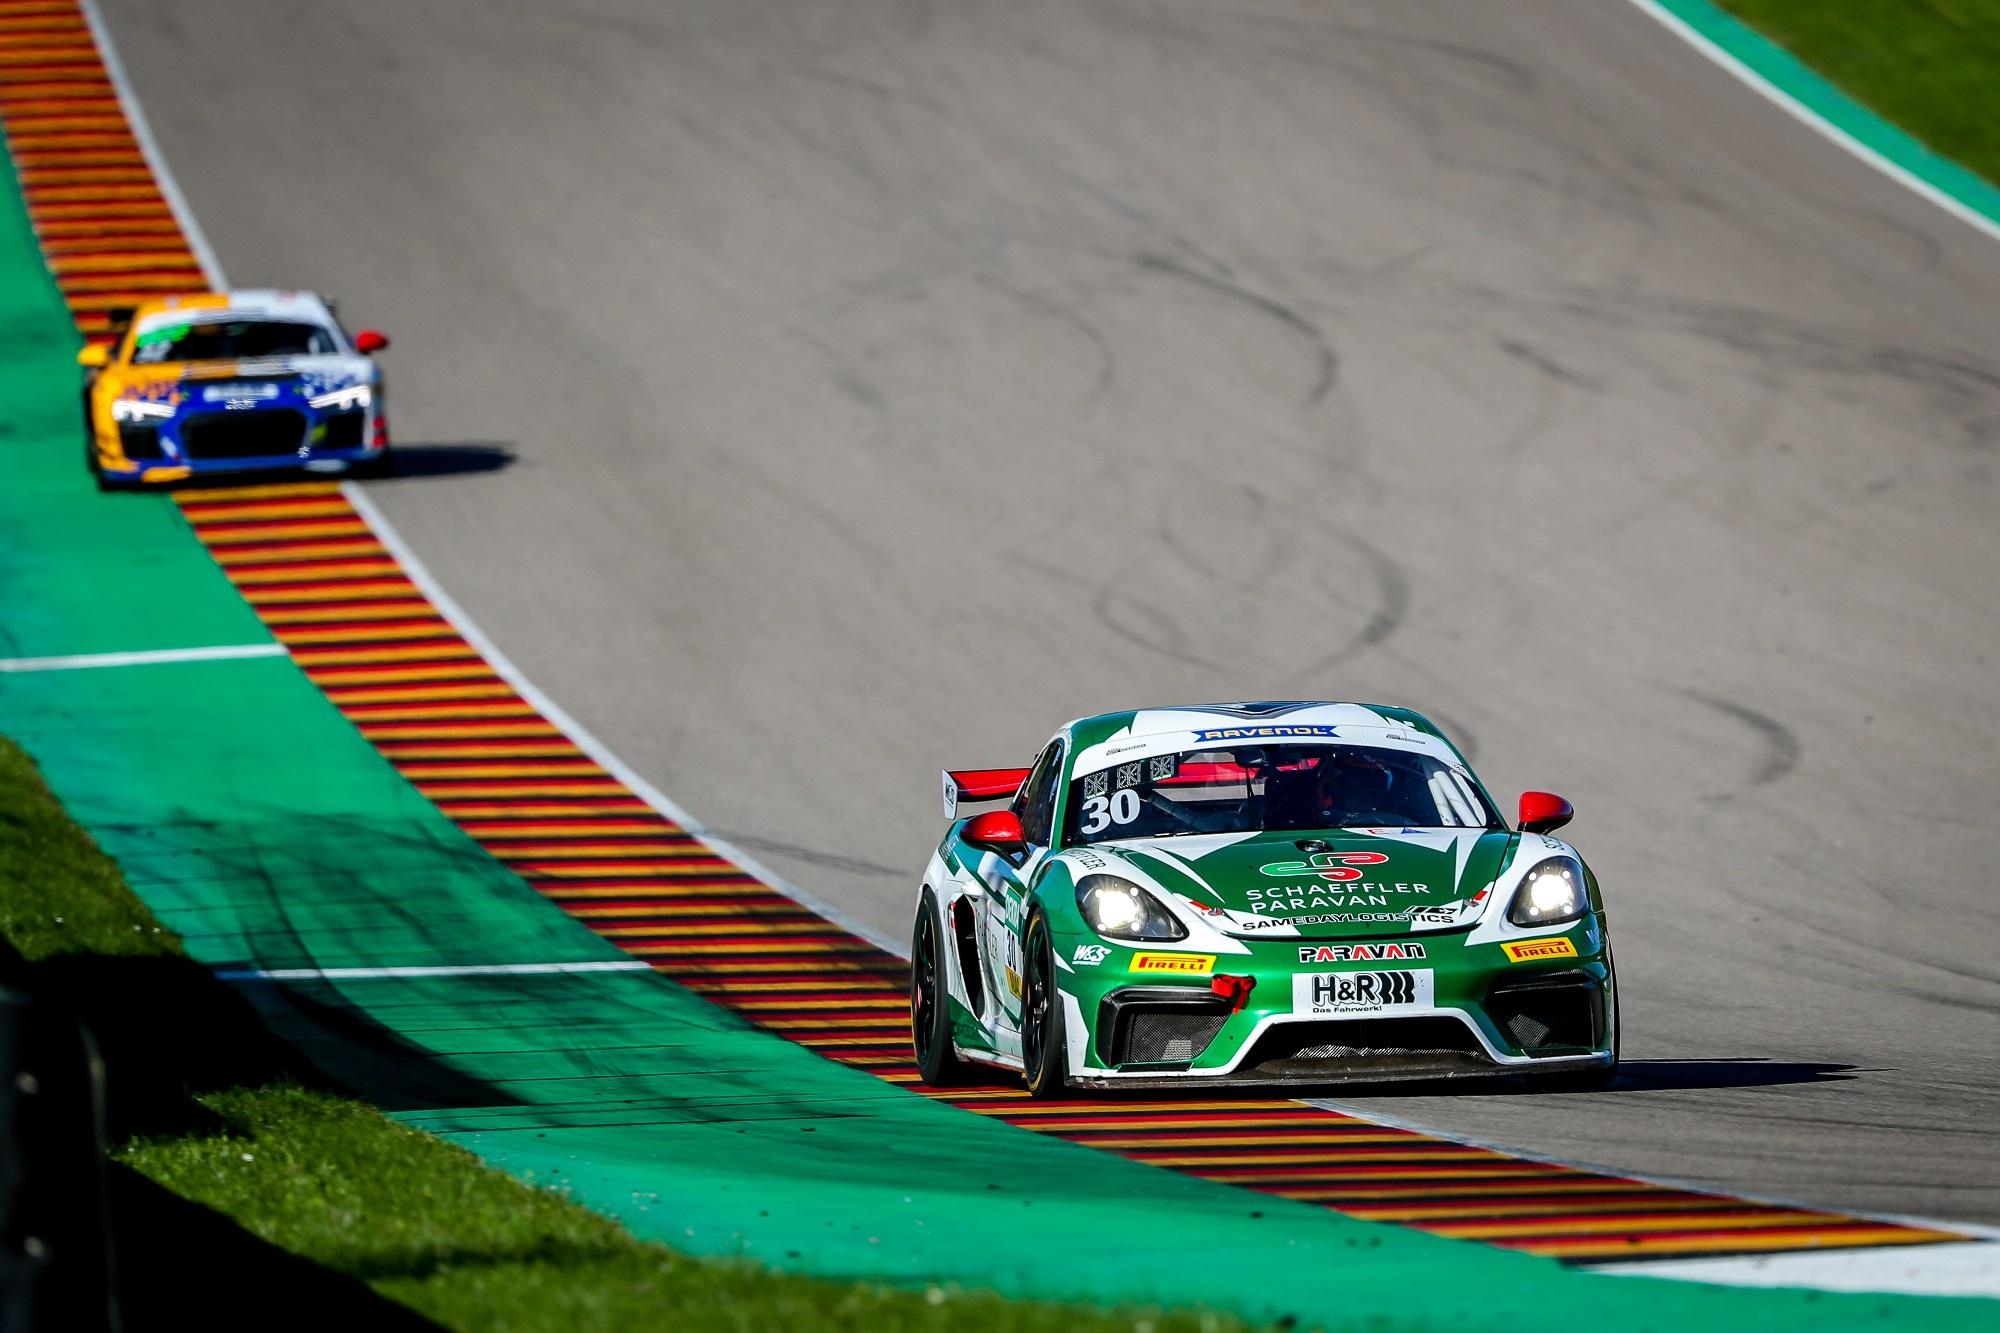 Max Kronberg Tim Heinemann W&S Motorsport Porsche 718 Cayman GT4 Clubsport MR ADAC GT Masters Sachsenring